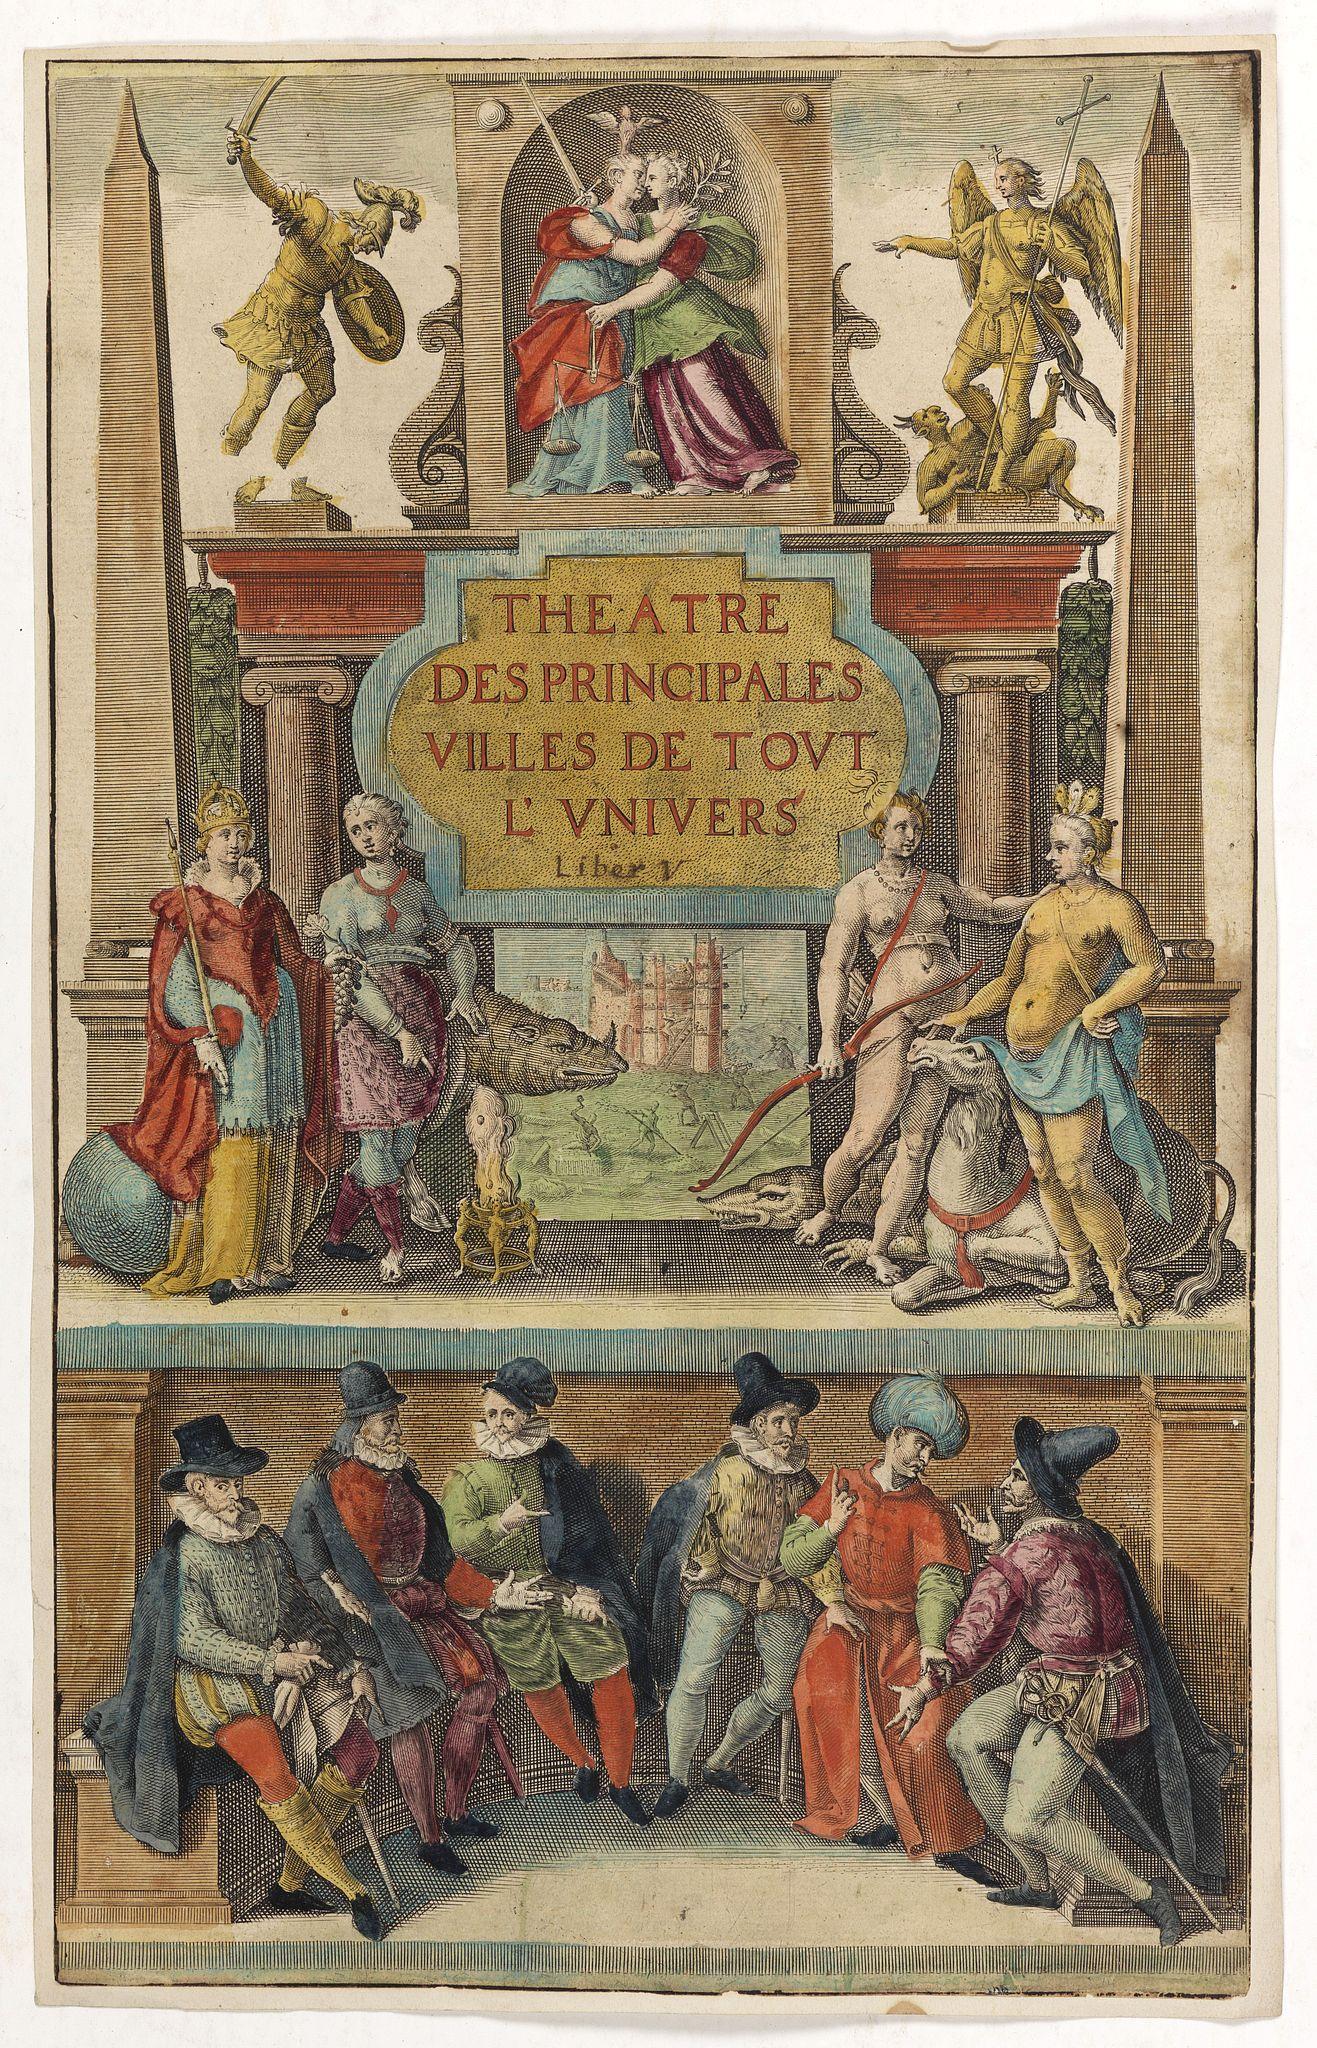 BRAUN,G. / HOGENBERG, F. -  [Title page] Theatre des principales villes de tout l'univers, Liber V.